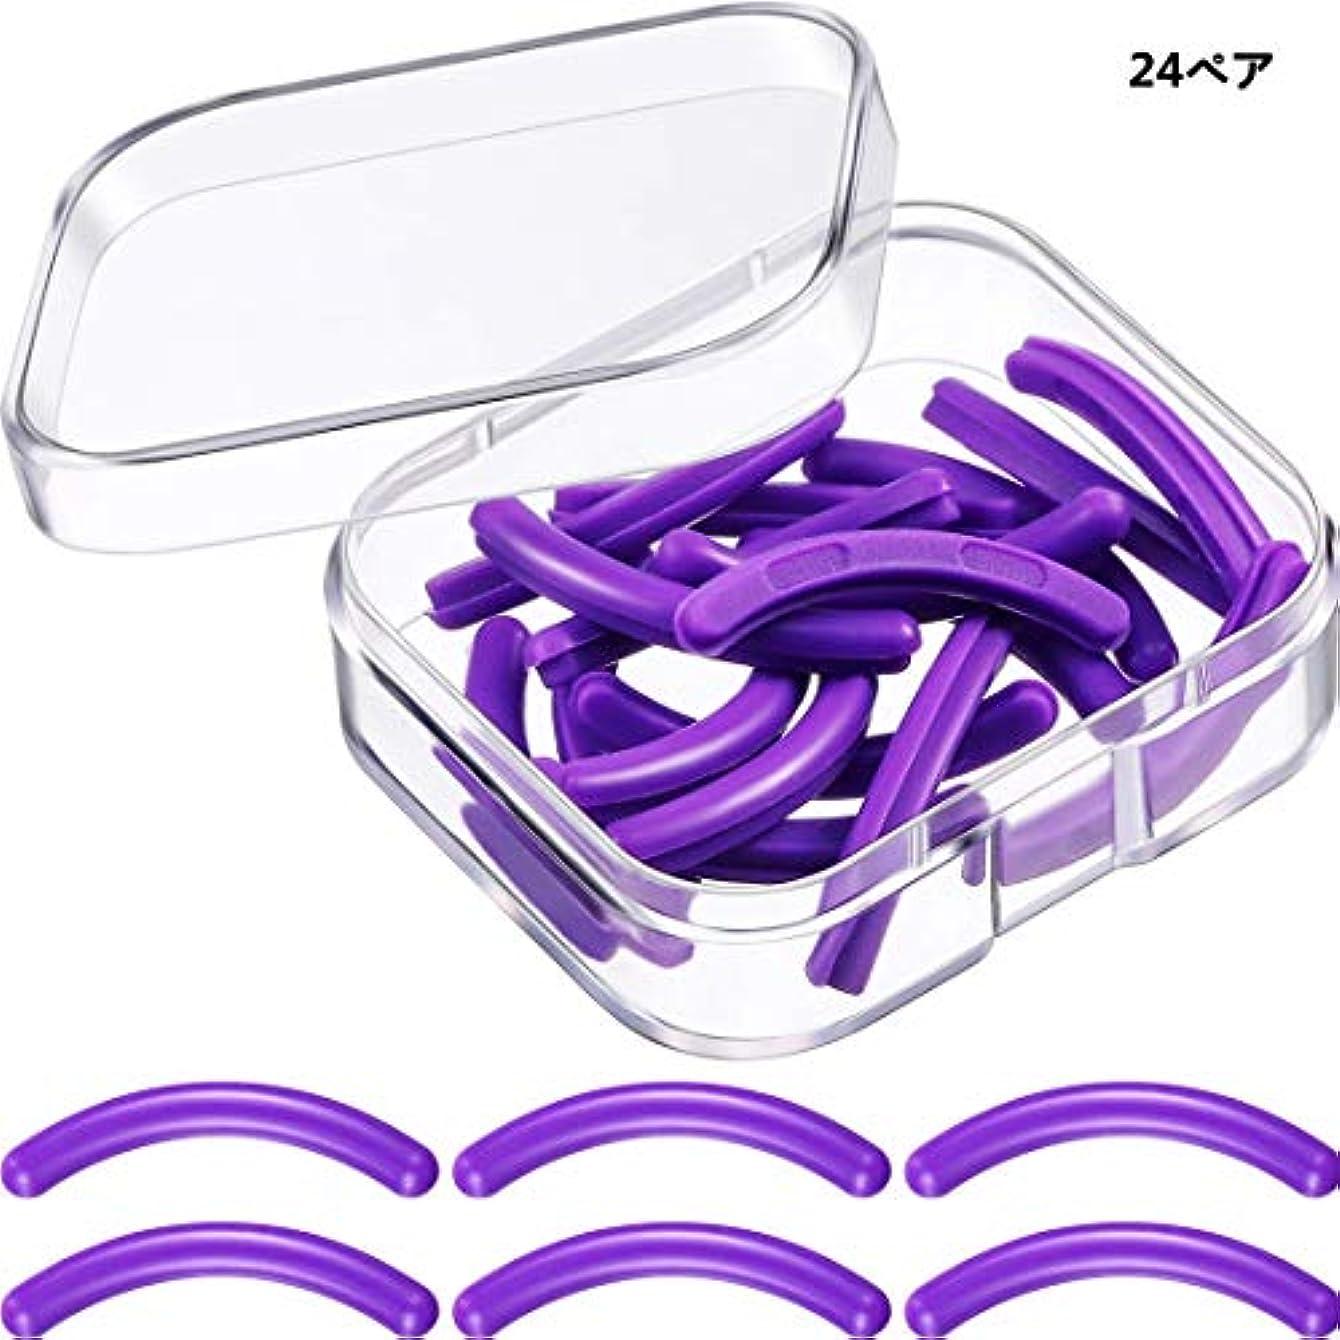 舌急勾配の複合Wotion 24ピースカーリングアイロン詰め替えまつげカーラーサプリメントパッドシリコーンゴム交換詰め替え用ユニバーサルアイラッシュカーラーで透明収納ボックス (紫色)